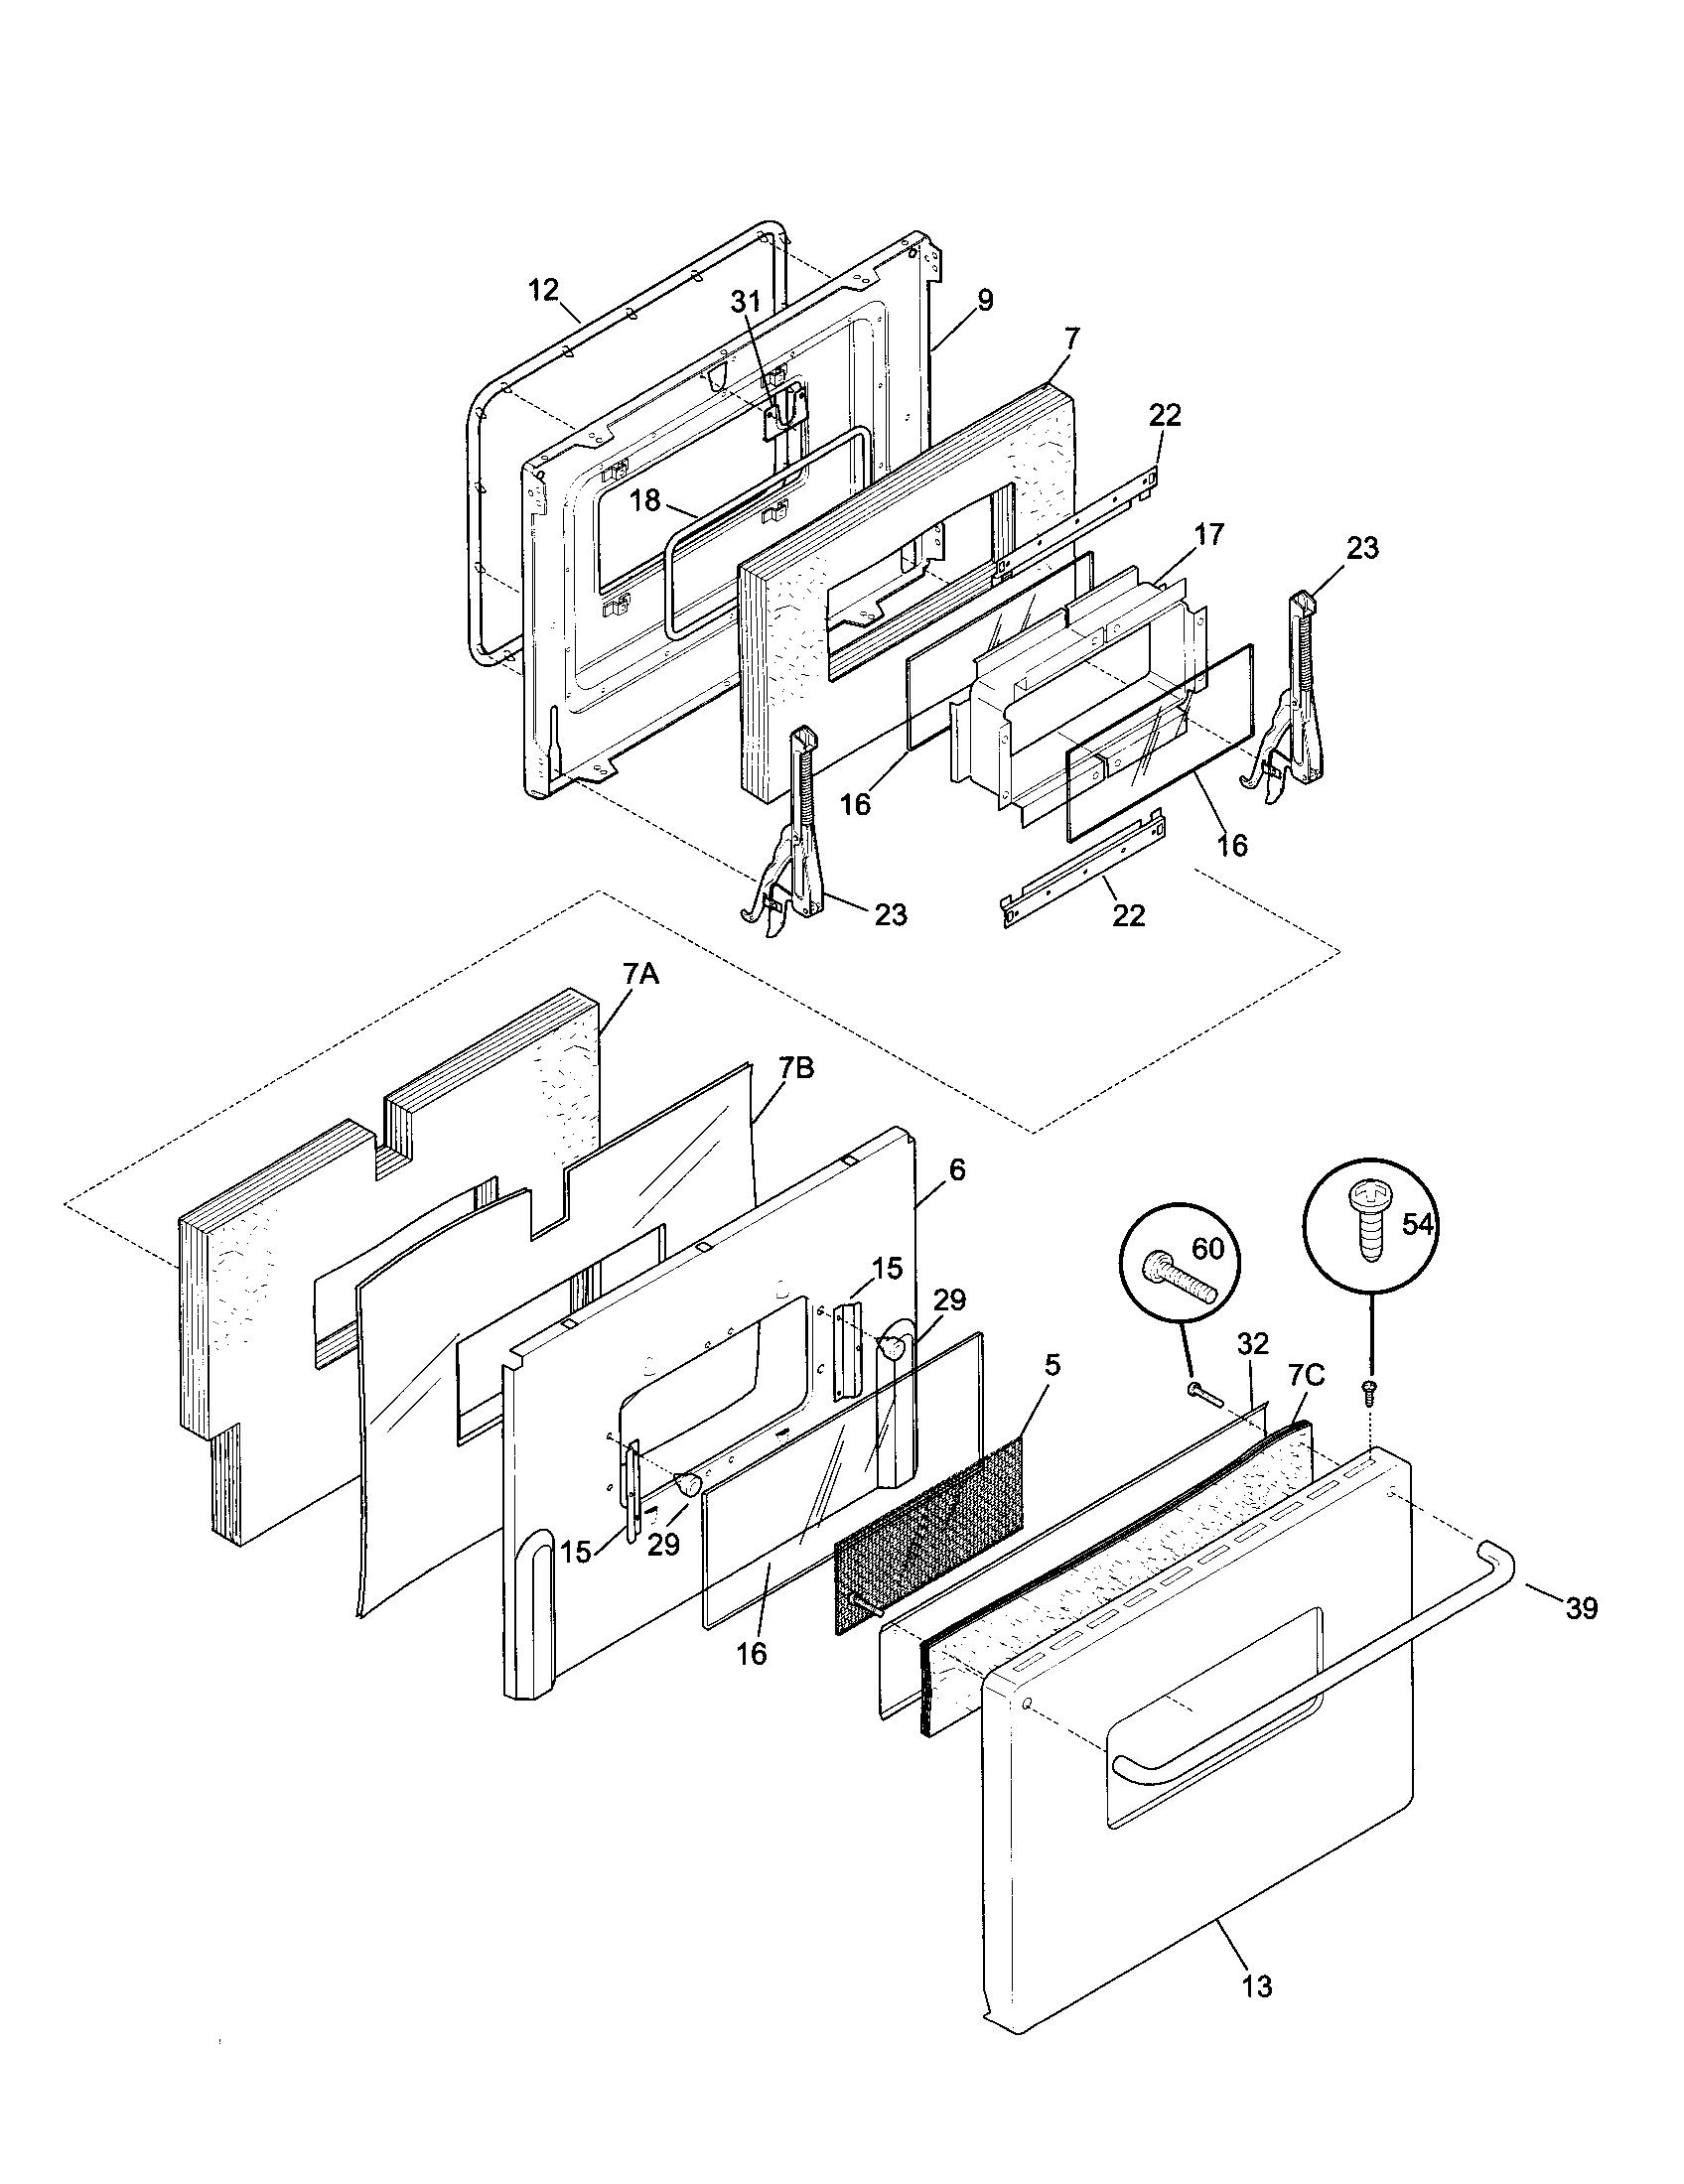 79074403995 dual fuel range door parts diagram wiring diagram parts diagram